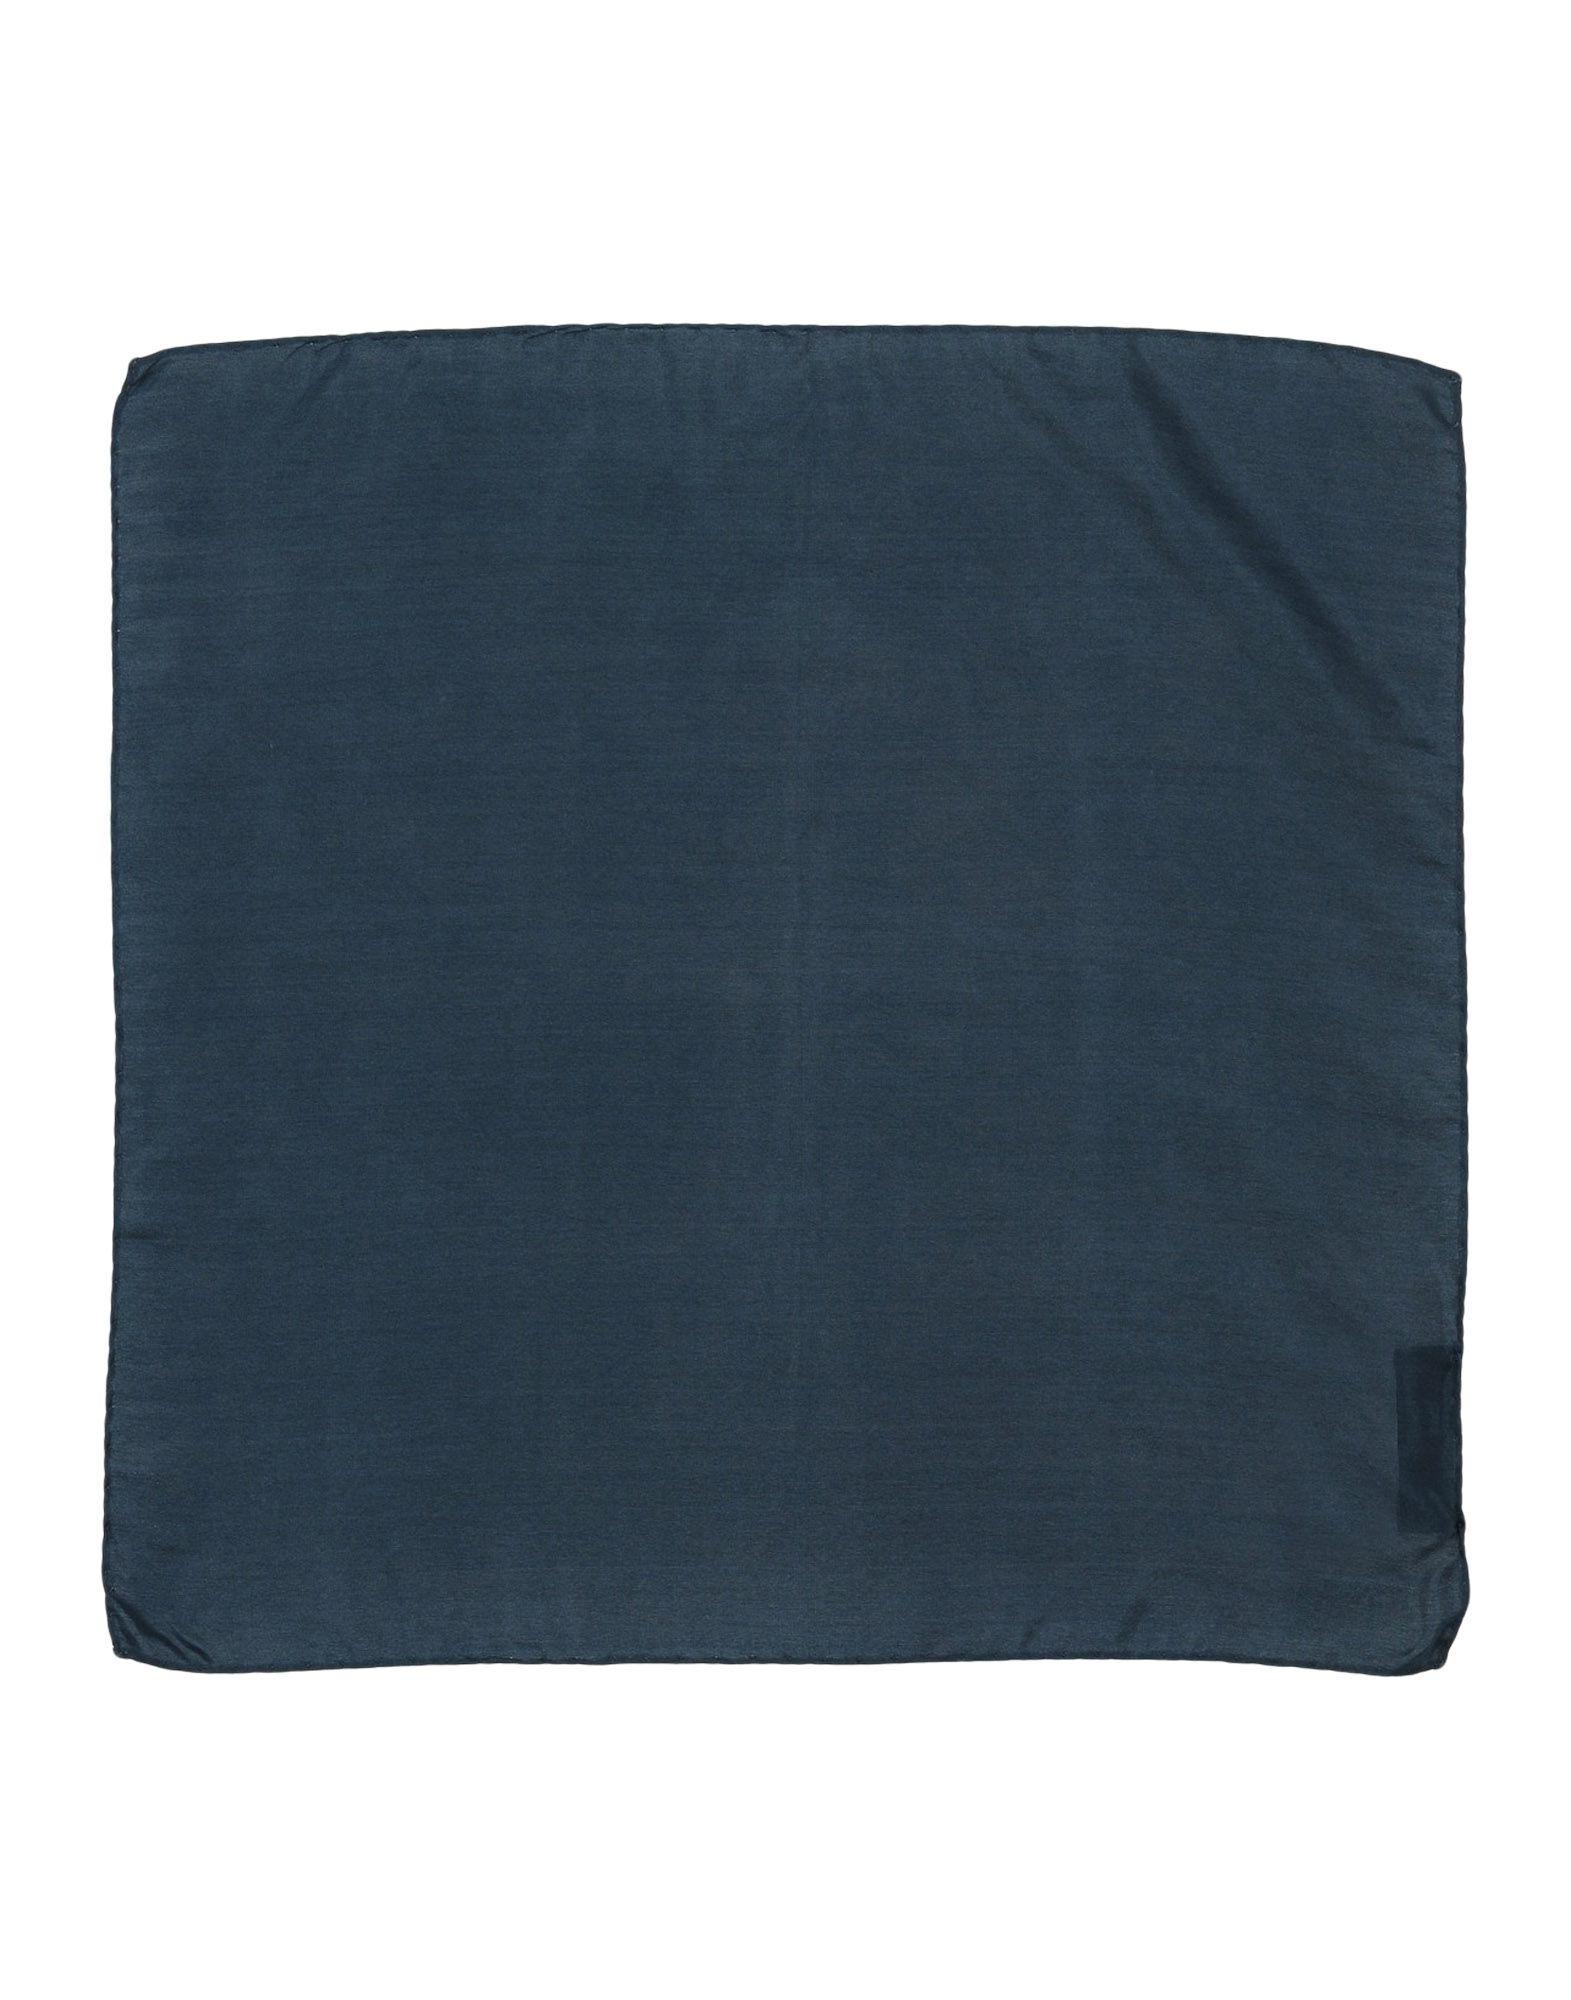 EMPORIO ARMANI Платок платок armani jeans 924174 7a111 00020